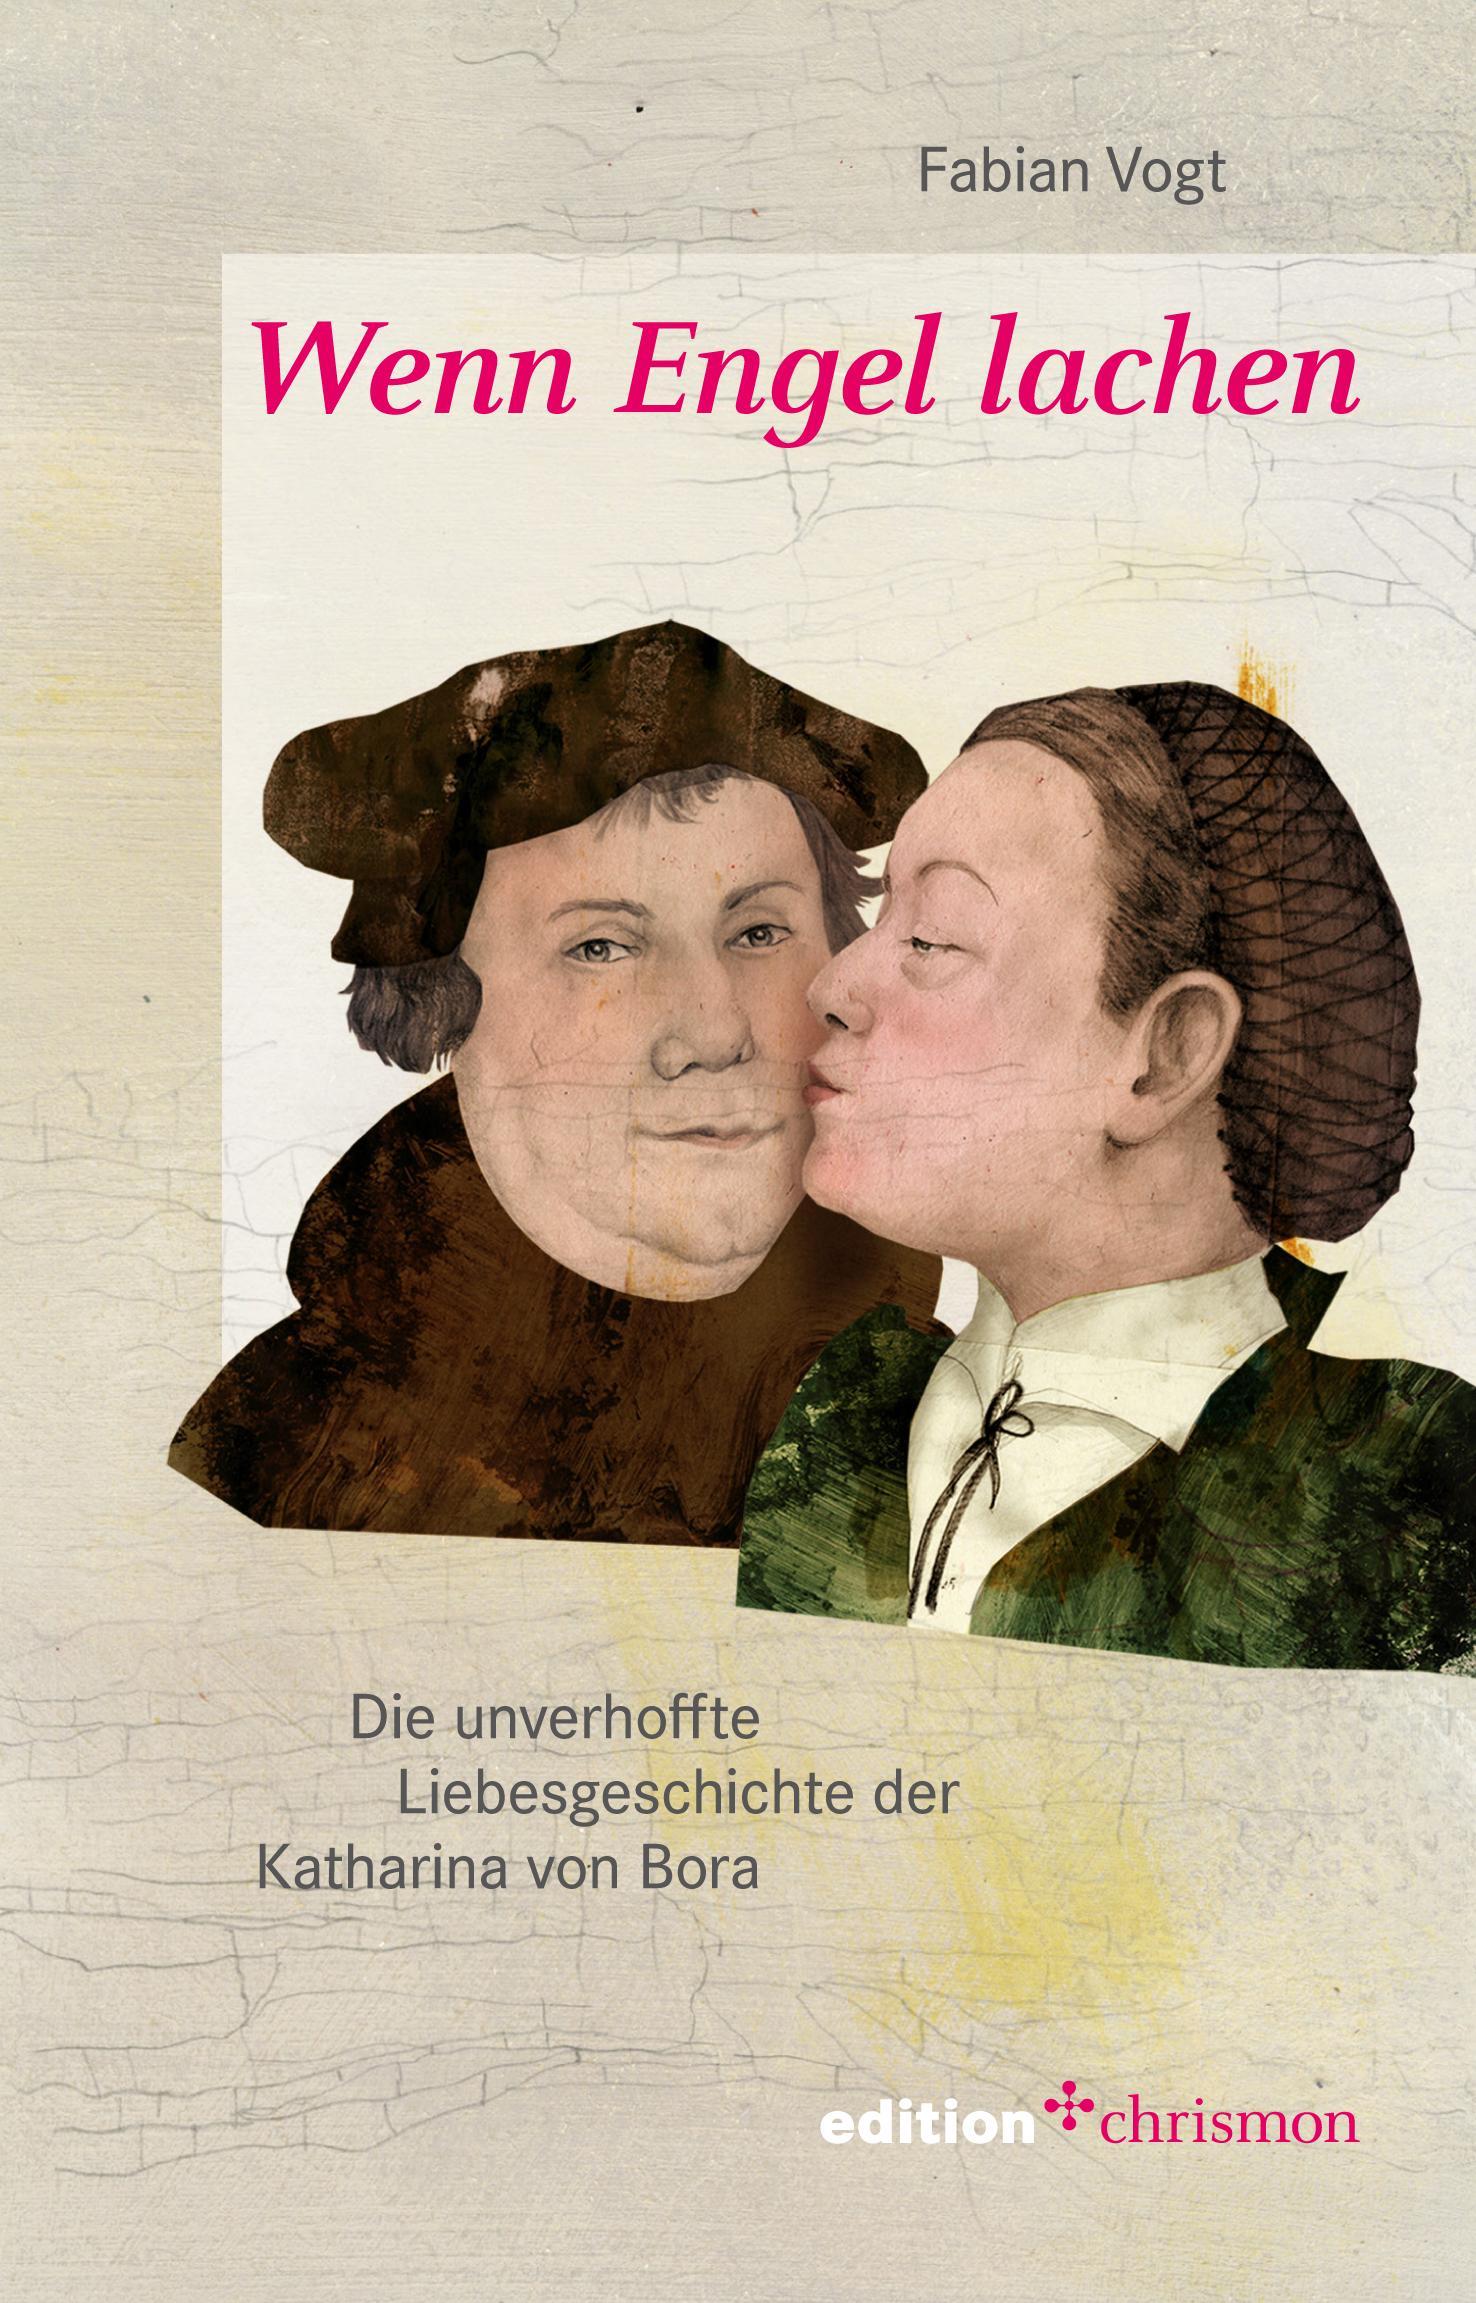 Wenn Engel lachen Die unverhoffte Liebesgeschichte der Katharina von Bora Vogt